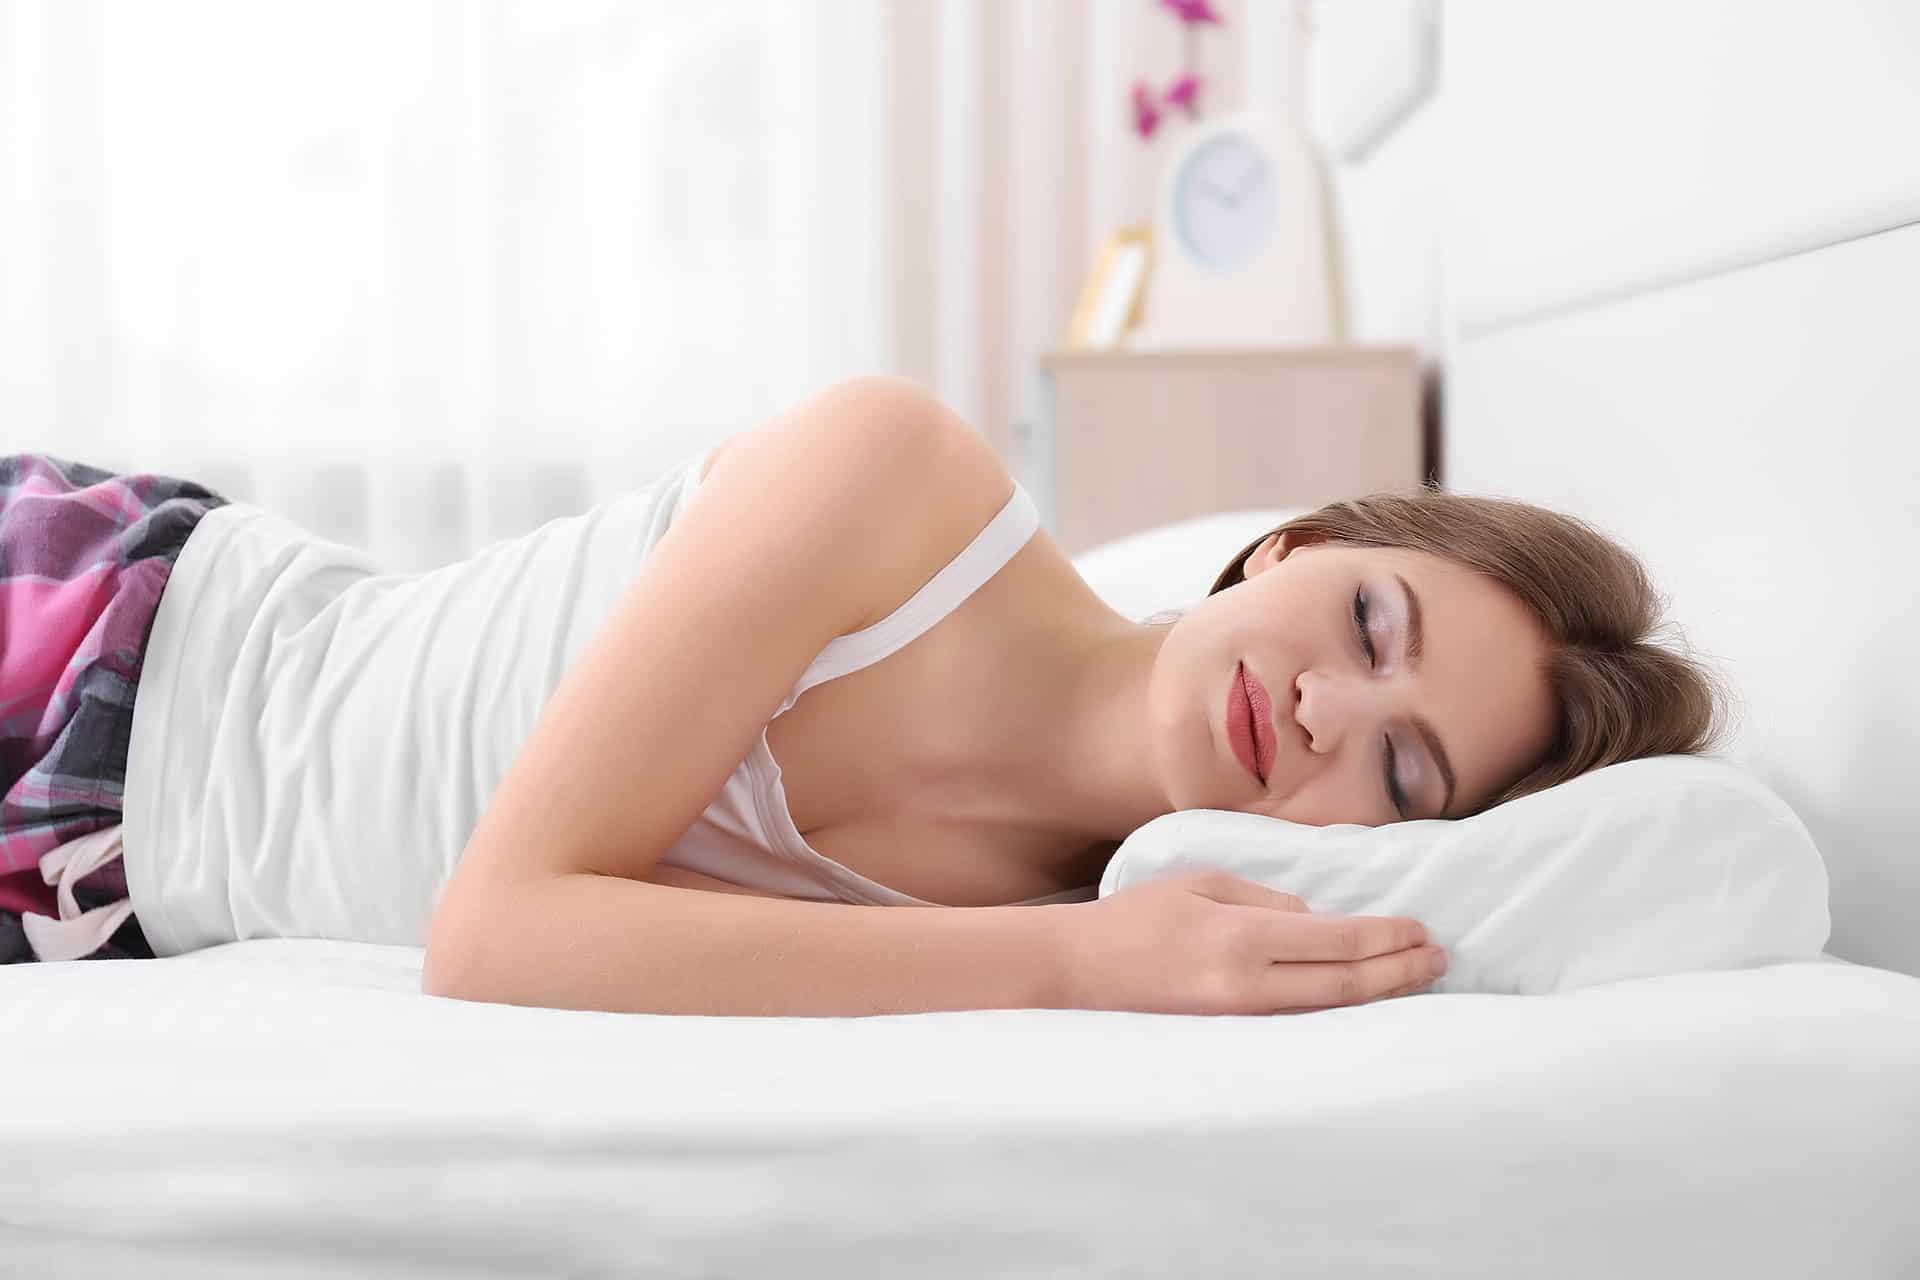 кроме упражнений для сохранения осанки нужно правильно спать